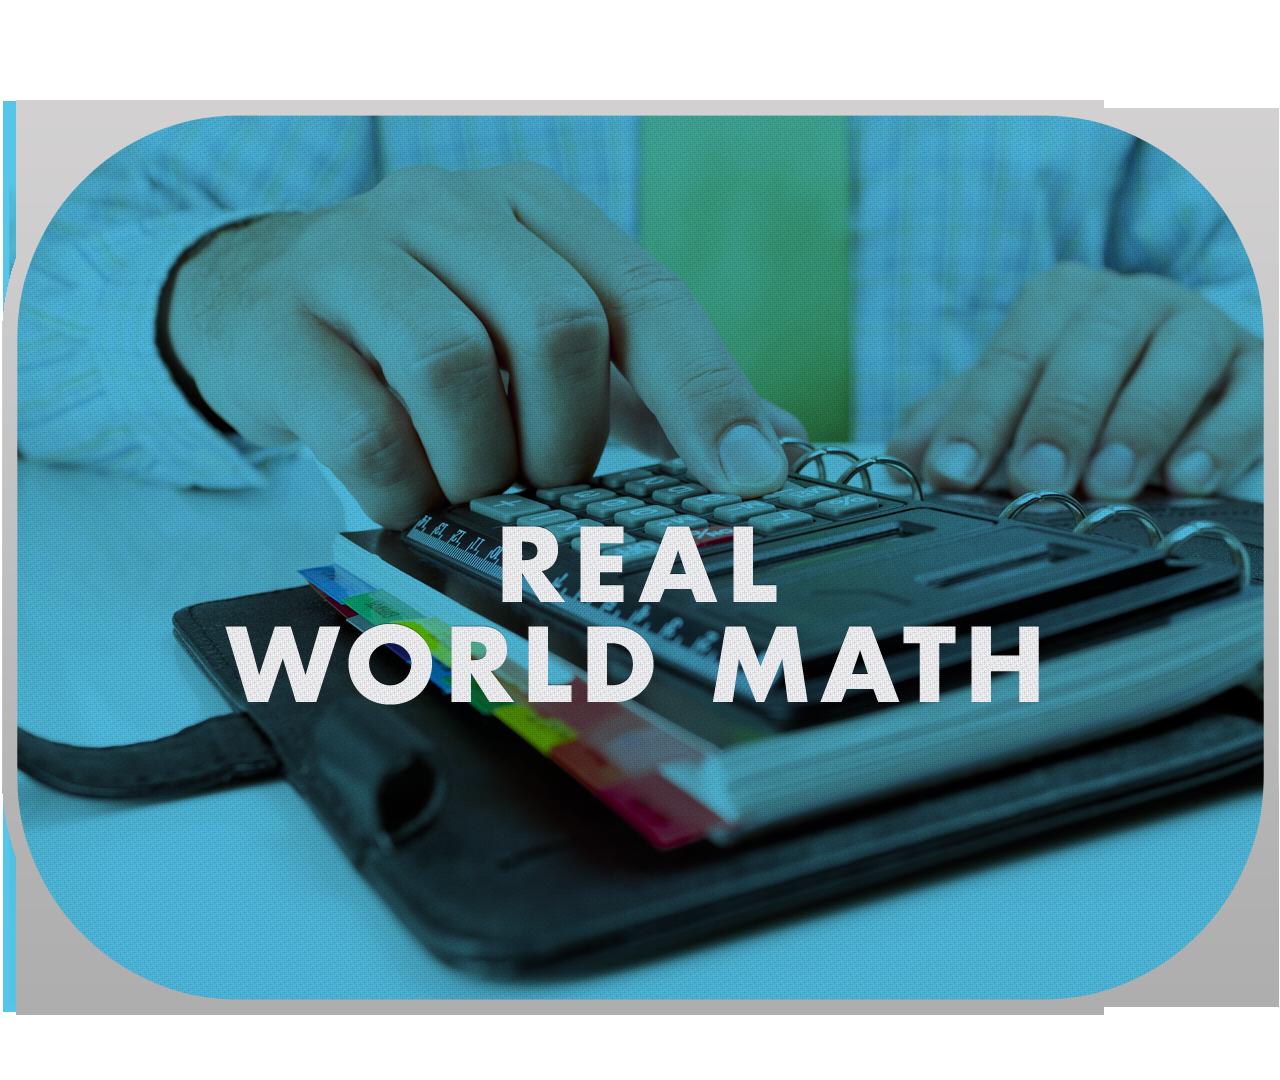 Real World Math